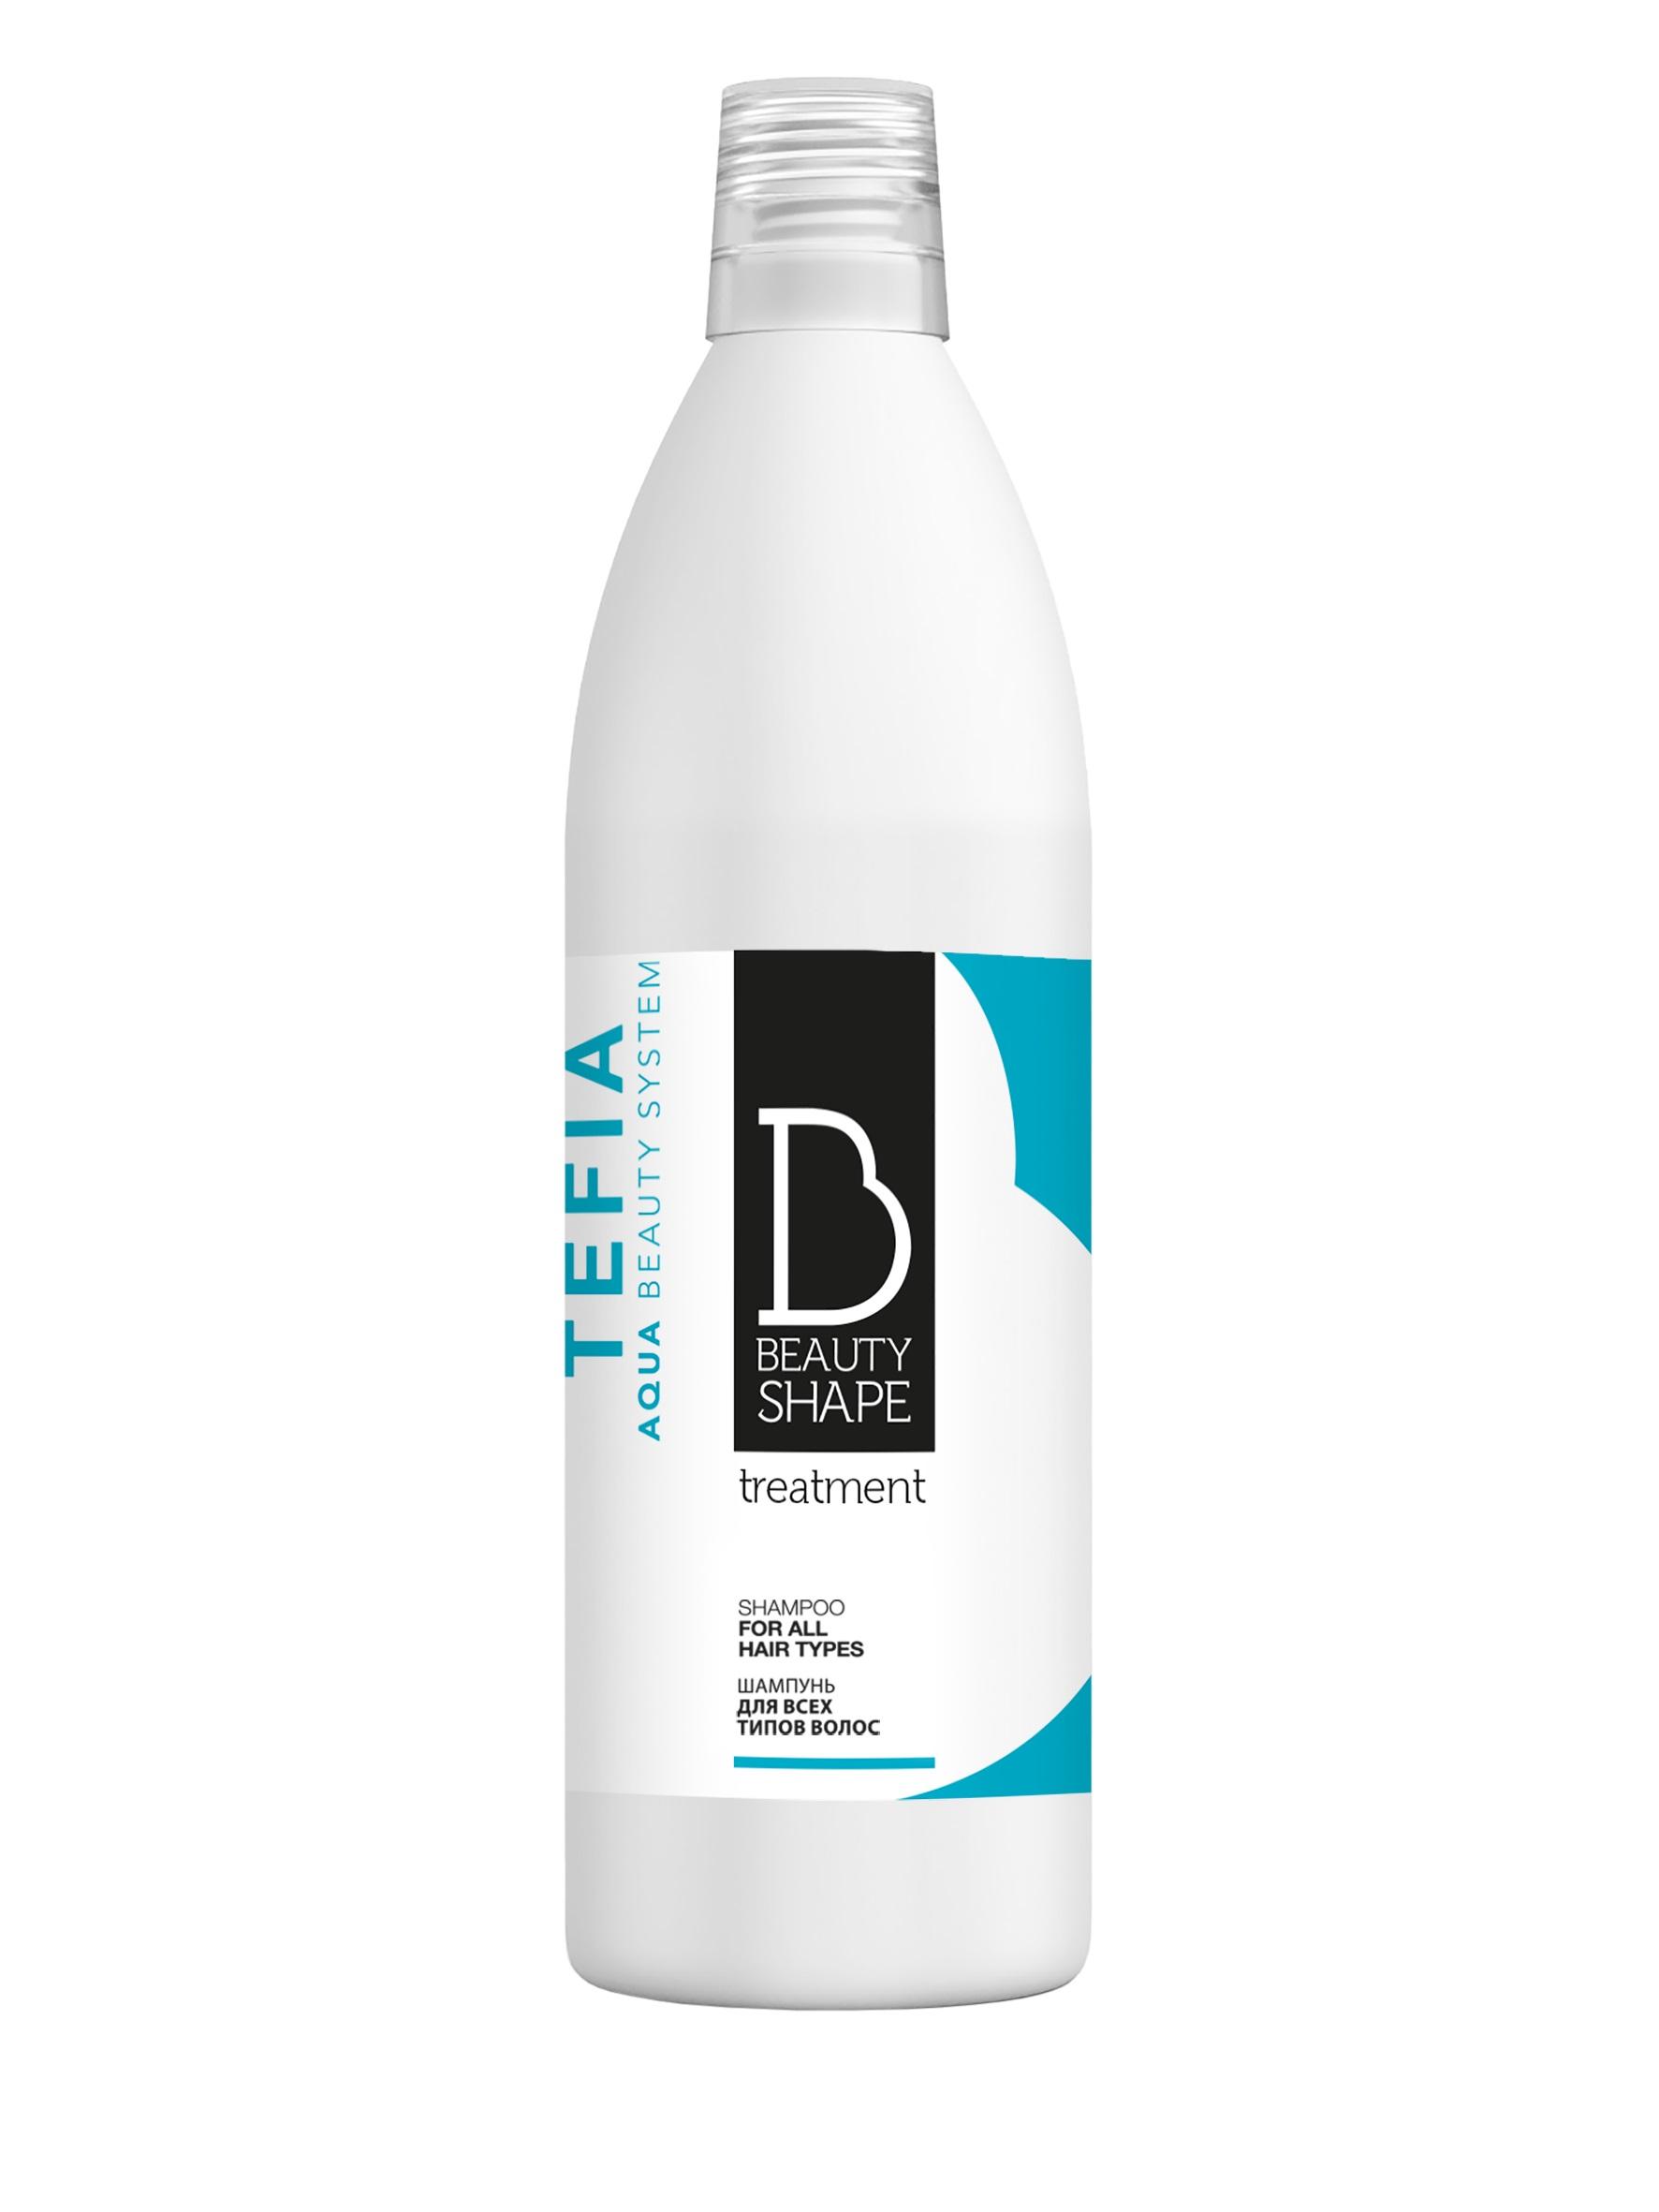 TEFIA Шампунь для всех типов волос / Beauty Shape Treatment 1000 мл фото